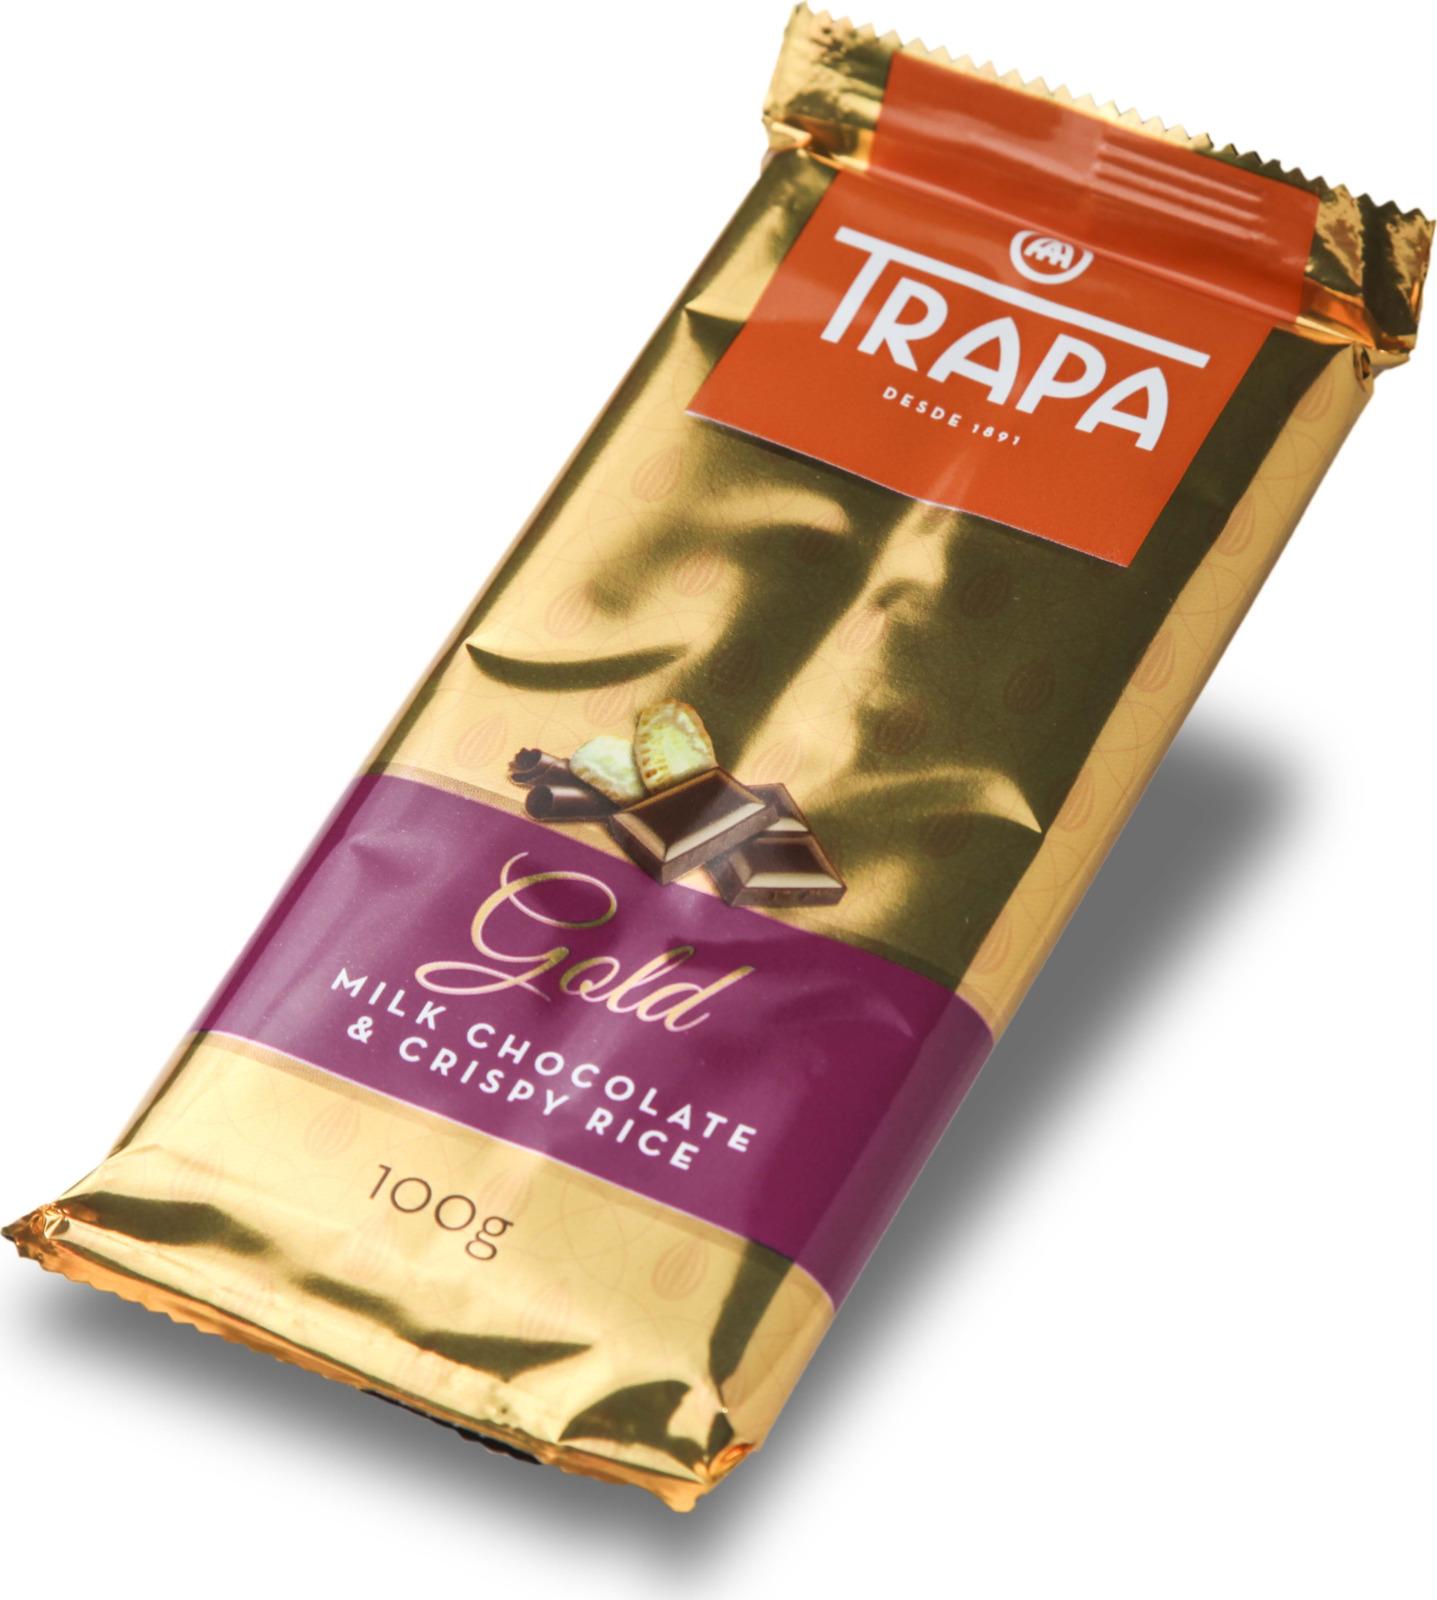 цена Молочный шоколад Trapa Gold Bar, с воздушным рисом, 100 г онлайн в 2017 году